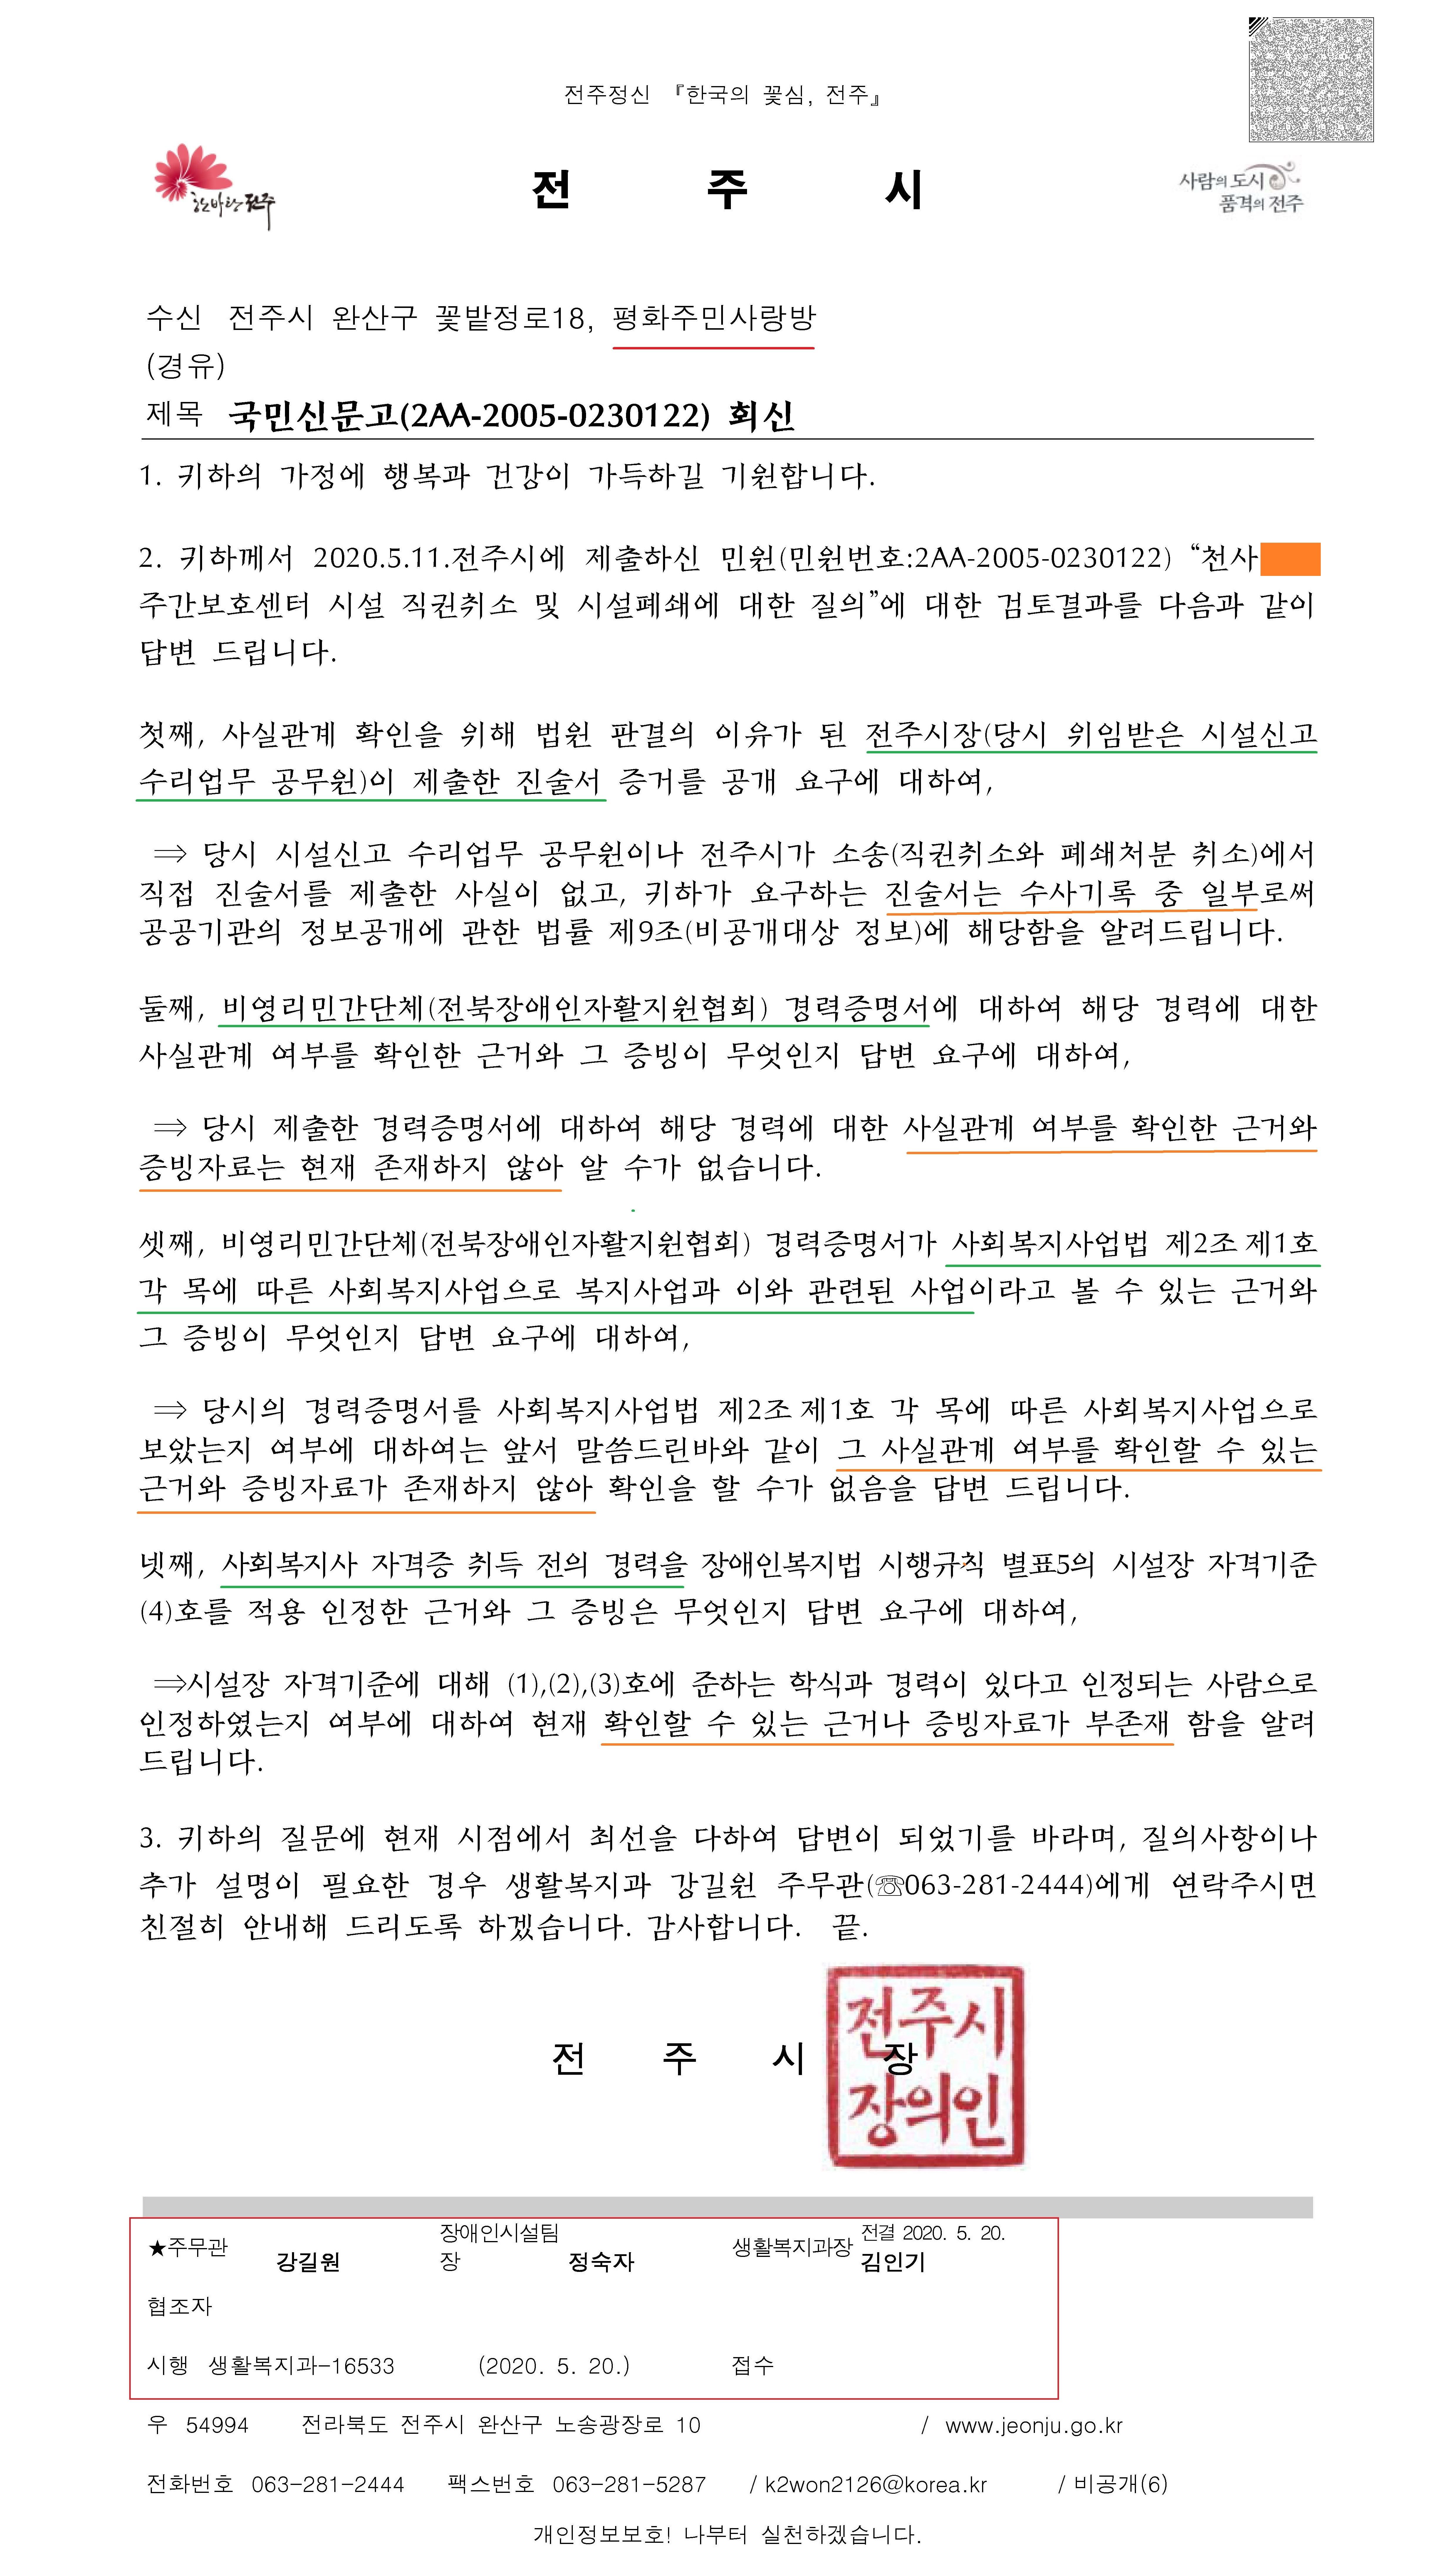 전주시 생활복지과-16533(2020.05.20)호_시설설치신고-현지출장 확인결과 보고서.jpg